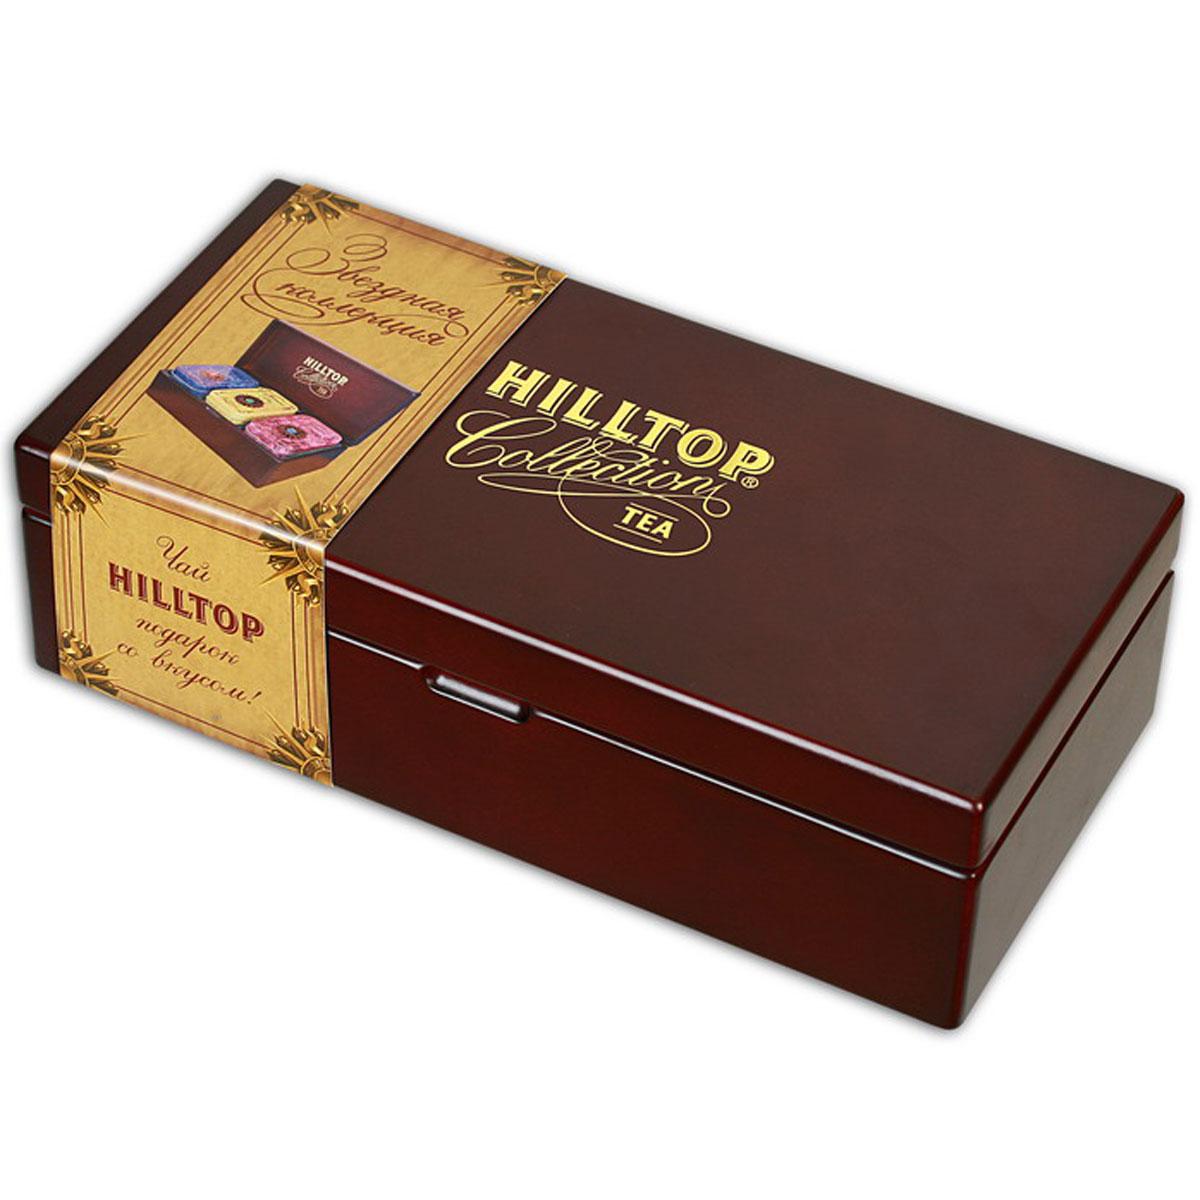 Hilltop Звездная коллекция малая, набор листового чая, 170 г4607099300866Hilltop Звездная коллекция малая вы найдете в деревянной шкатулке с крышкой. Чай помещен в три стилизованные жестяные чайницы. Набор станет прекрасным и дорогим подарком, либо украсит ваш дом и праздничный стол.Цейлонское утро — классический цейлонский черный чай с терпким вкусом, мягким ароматом и тонизирующими свойствами. Отлично дополняет завтрак или праздничный сладкий стол.Жасминовый чай — изысканный успокаивающий с нежным вкусом жасмина и тонким ароматом свежести.Волшебная луна — необычная смесь цейлонского черного чая и зеленого чая Сенча. Необычная, как сама тайна... С добавлением лепестков подсолнечника, розы, плодов шиповника и кусочков папайи. С нотами натурального масла дыни, смородины, земляники и абрикоса.Всё о чае: сорта, факты, советы по выбору и употреблению. Статья OZON Гид